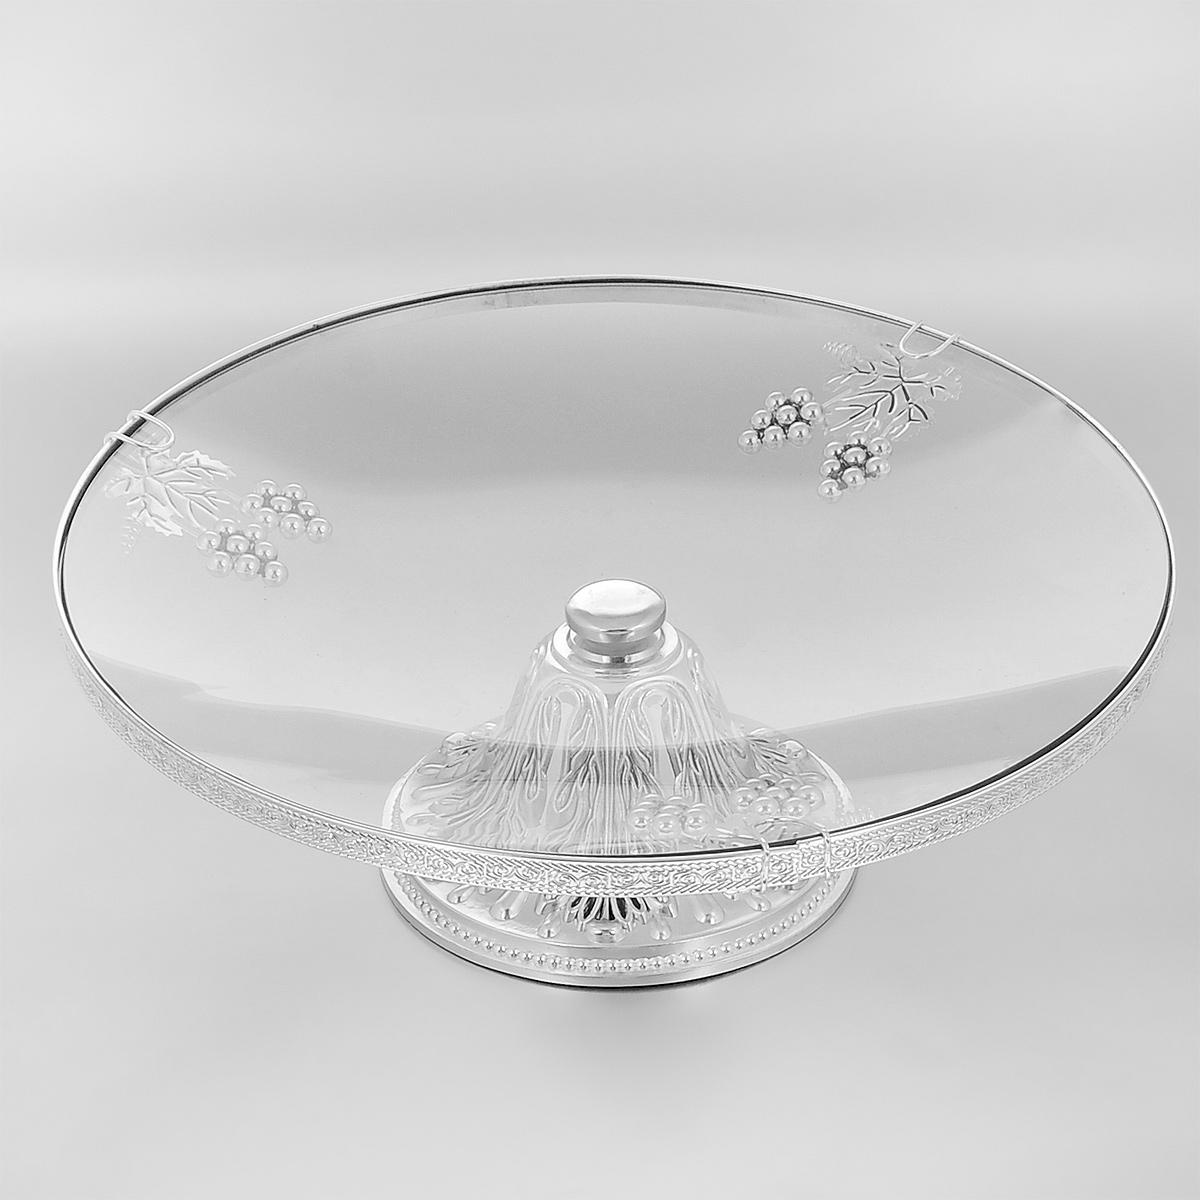 Ваза универсальная Marquis, диаметр 35 см. 7041-MR7041-MRУниверсальная ваза Marquis представляет собой круглое стеклянное блюдо на металлической ножке, выполненной из стали серебряно-никелевым покрытием. Блюдо украшено фигурками виноградных ягод и листьев. Ножка декорирована изысканным рельефом. Ваза прекрасно подойдет для красивой сервировки тортов, конфет, различных пирожных, выпечки и фруктов. Такая ваза придется по вкусу и ценителям классики, и тем, кто предпочитает утонченность и изысканность. Она великолепно украсит праздничный стол и подчеркнет прекрасный вкус хозяина, а также станет отличным подарком.Диаметр блюда: 35 см.Диаметр основания: 16 см.Высота вазы: 13 см.